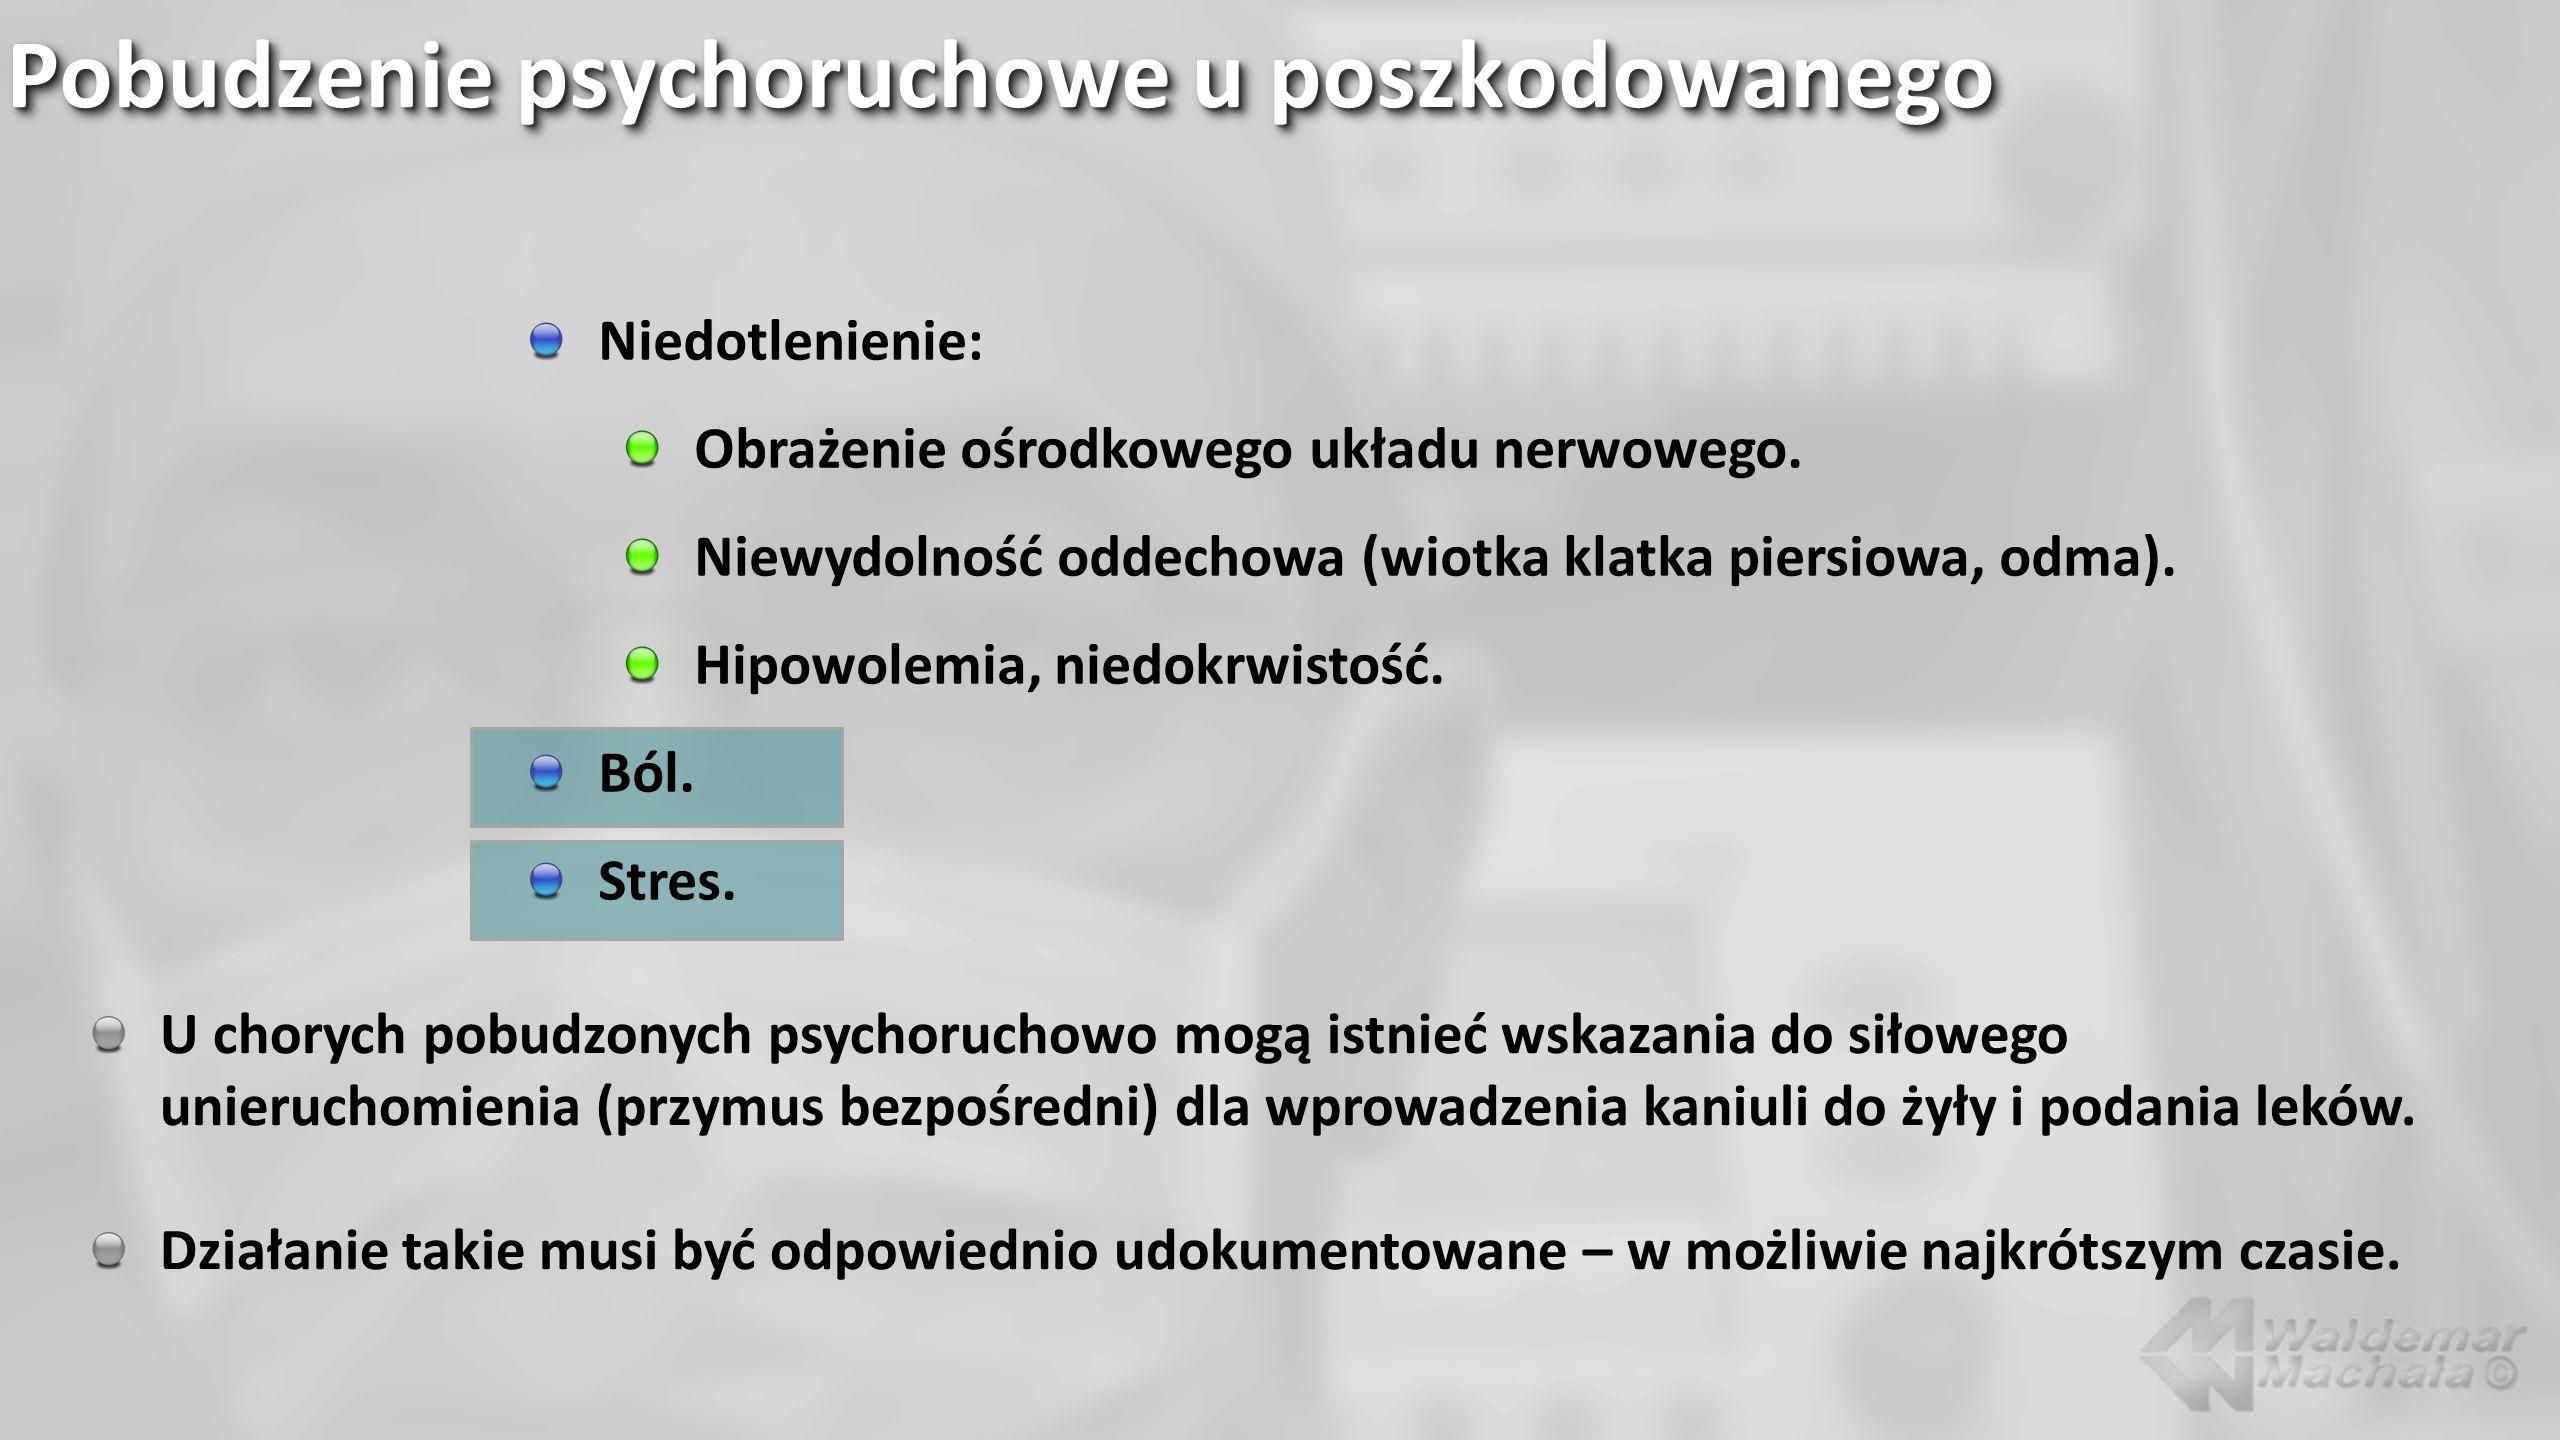 Benzodwuazepiny: Działanie przeciwlękowe, uspokajające, nasenne, przeciwdrgawkowe, miorelaksujące.